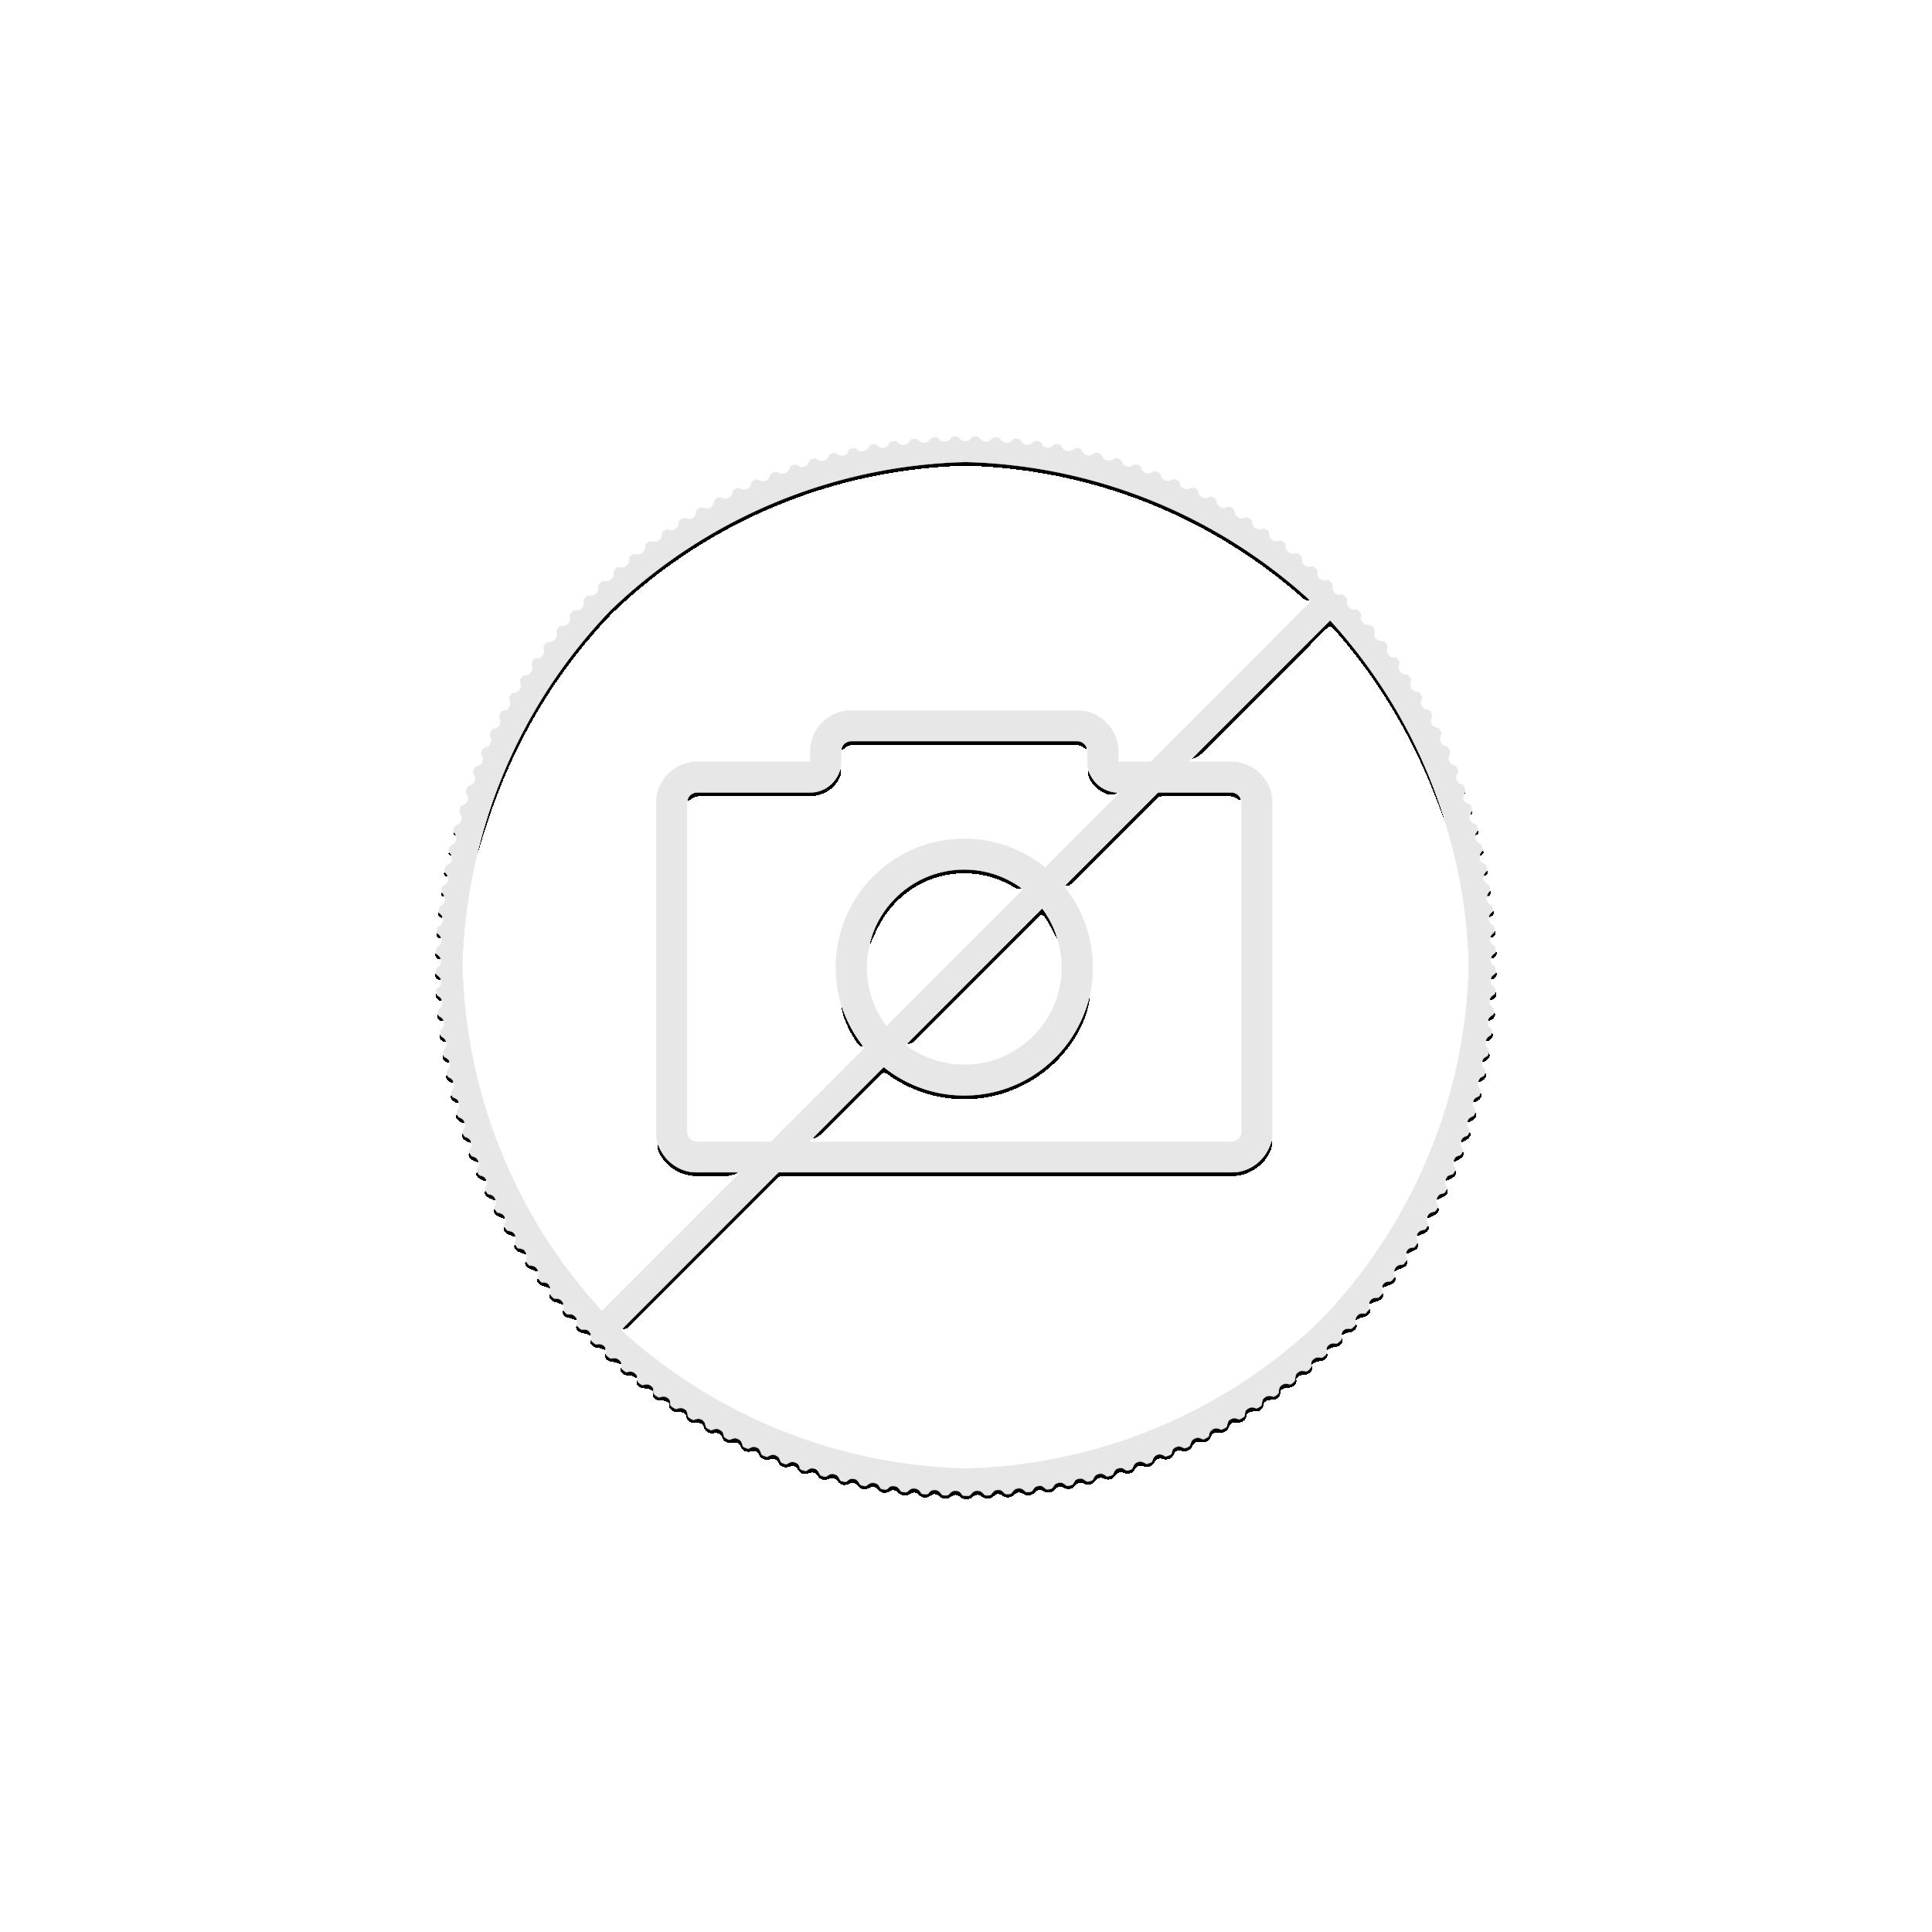 2 Troy ounce silver Lunar coin 2017